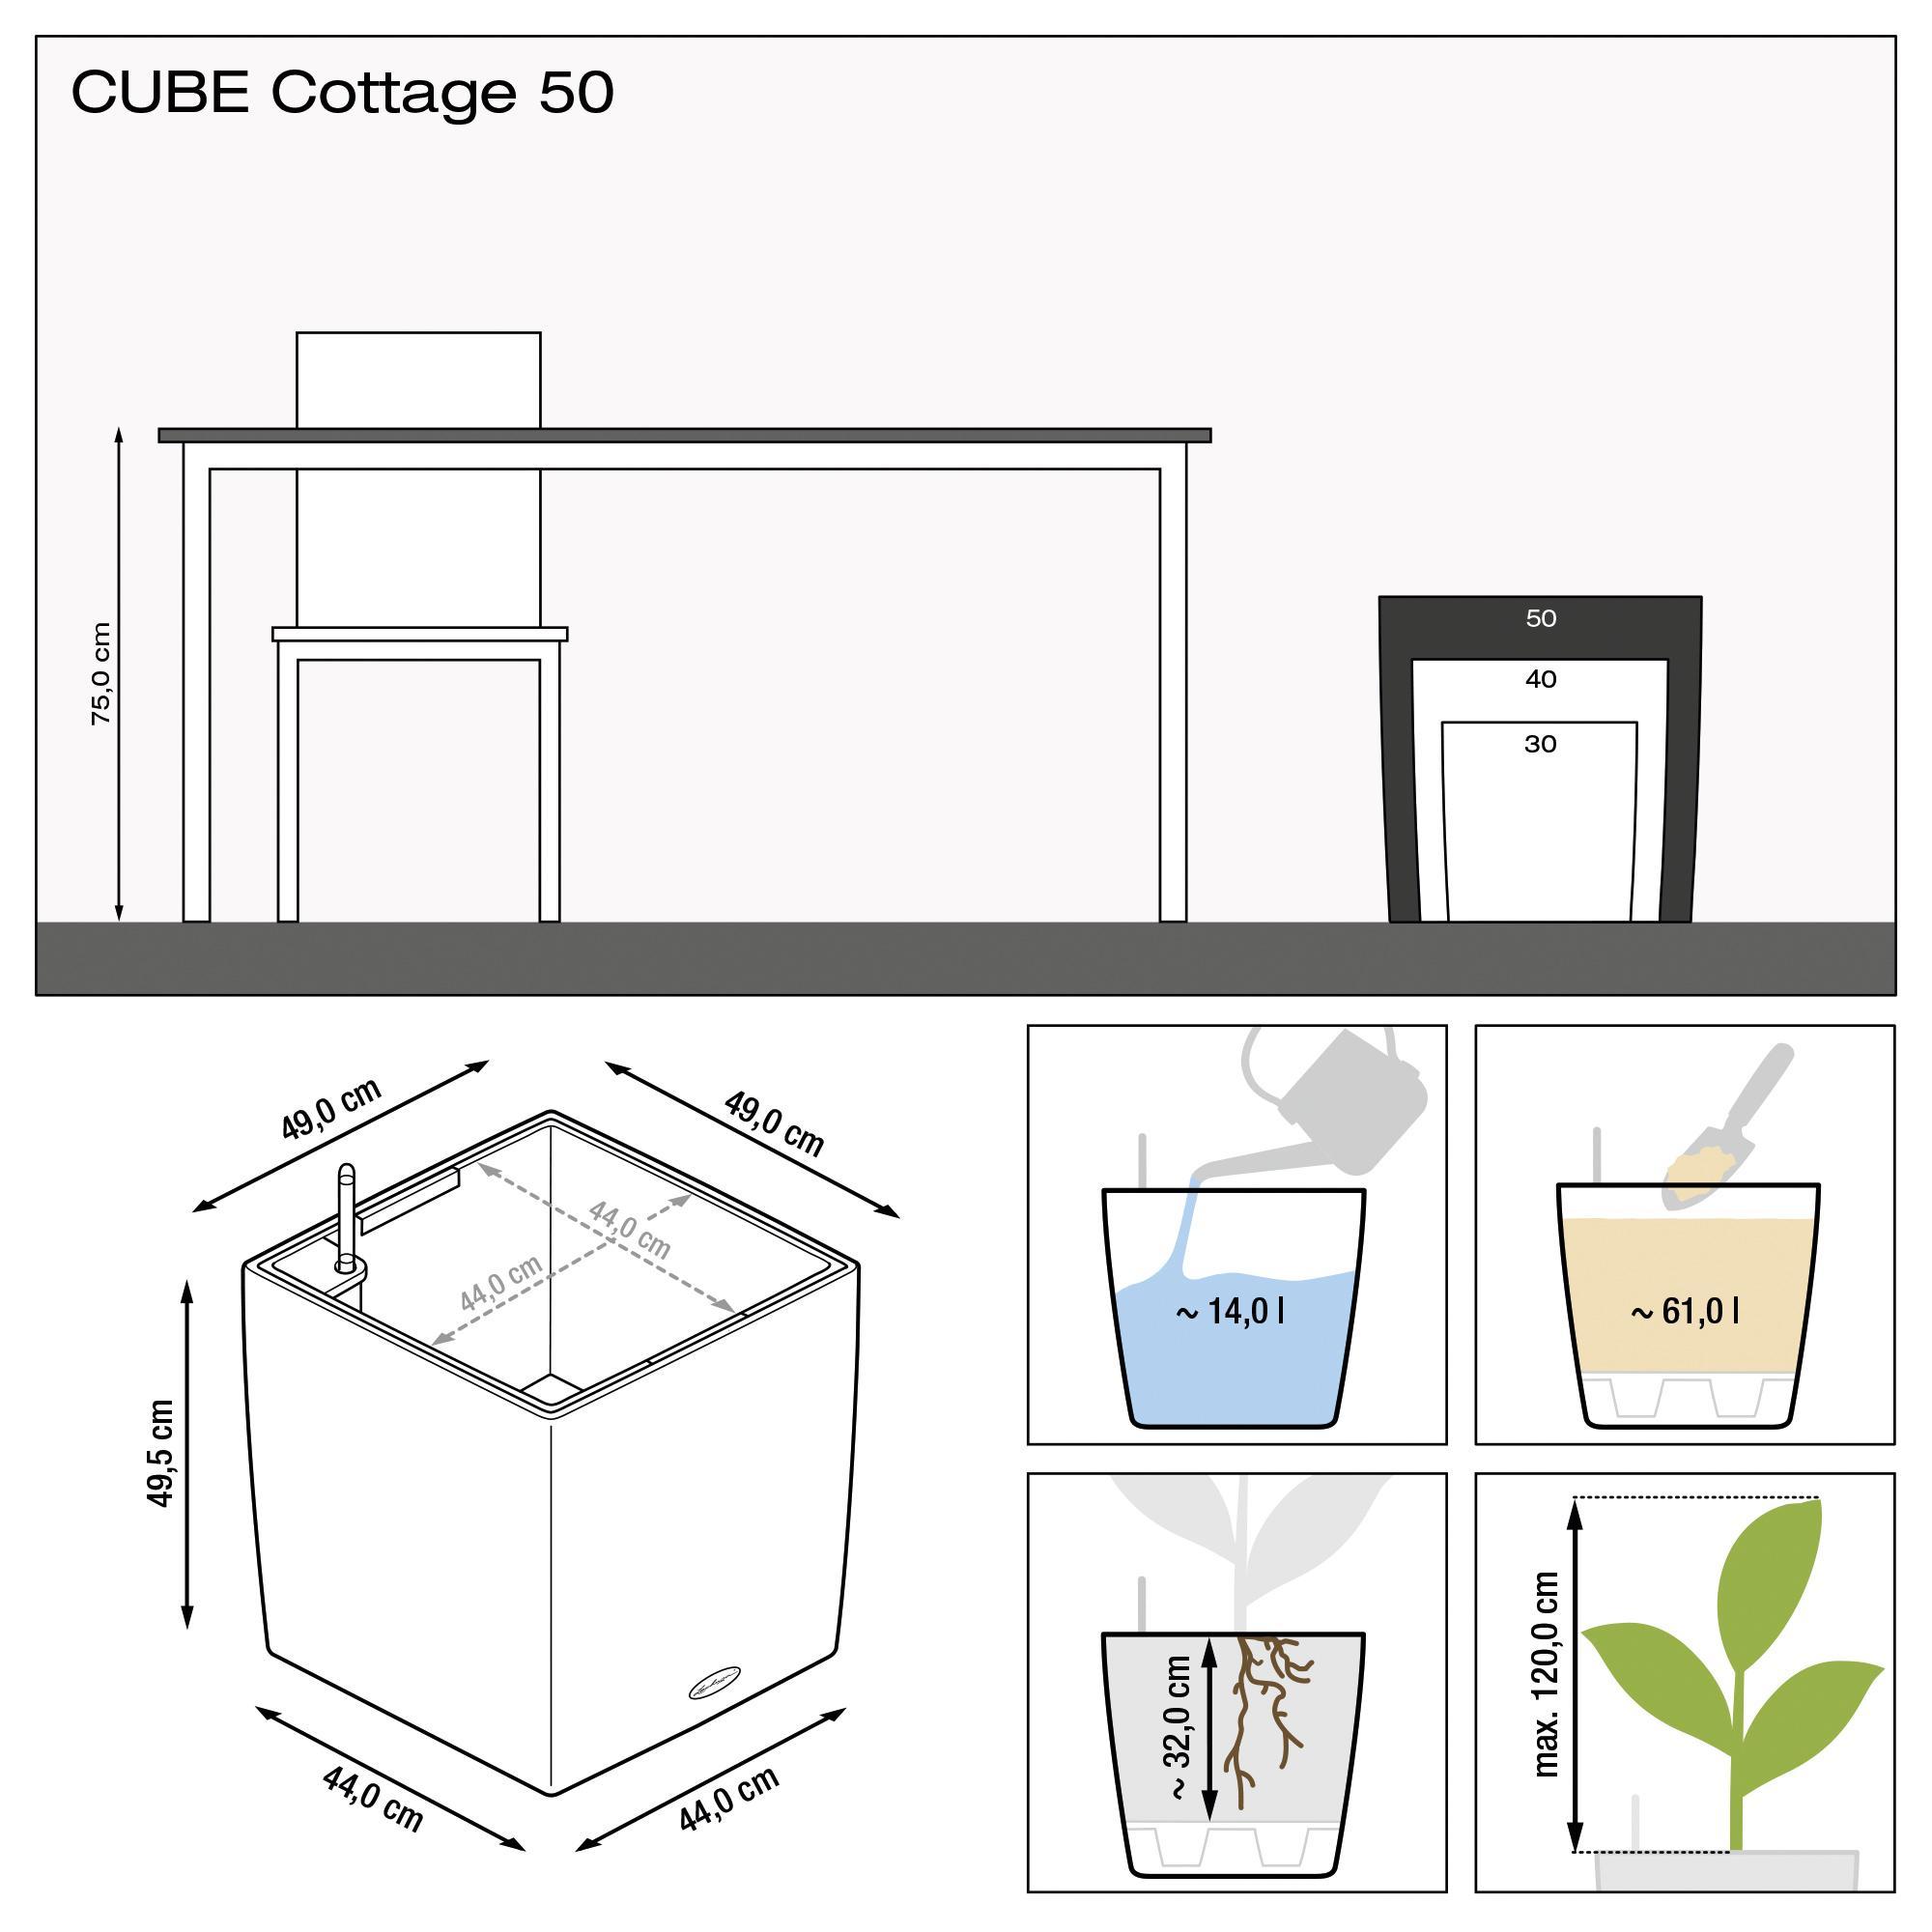 CUBE Cottage 50 mocha - Image 3